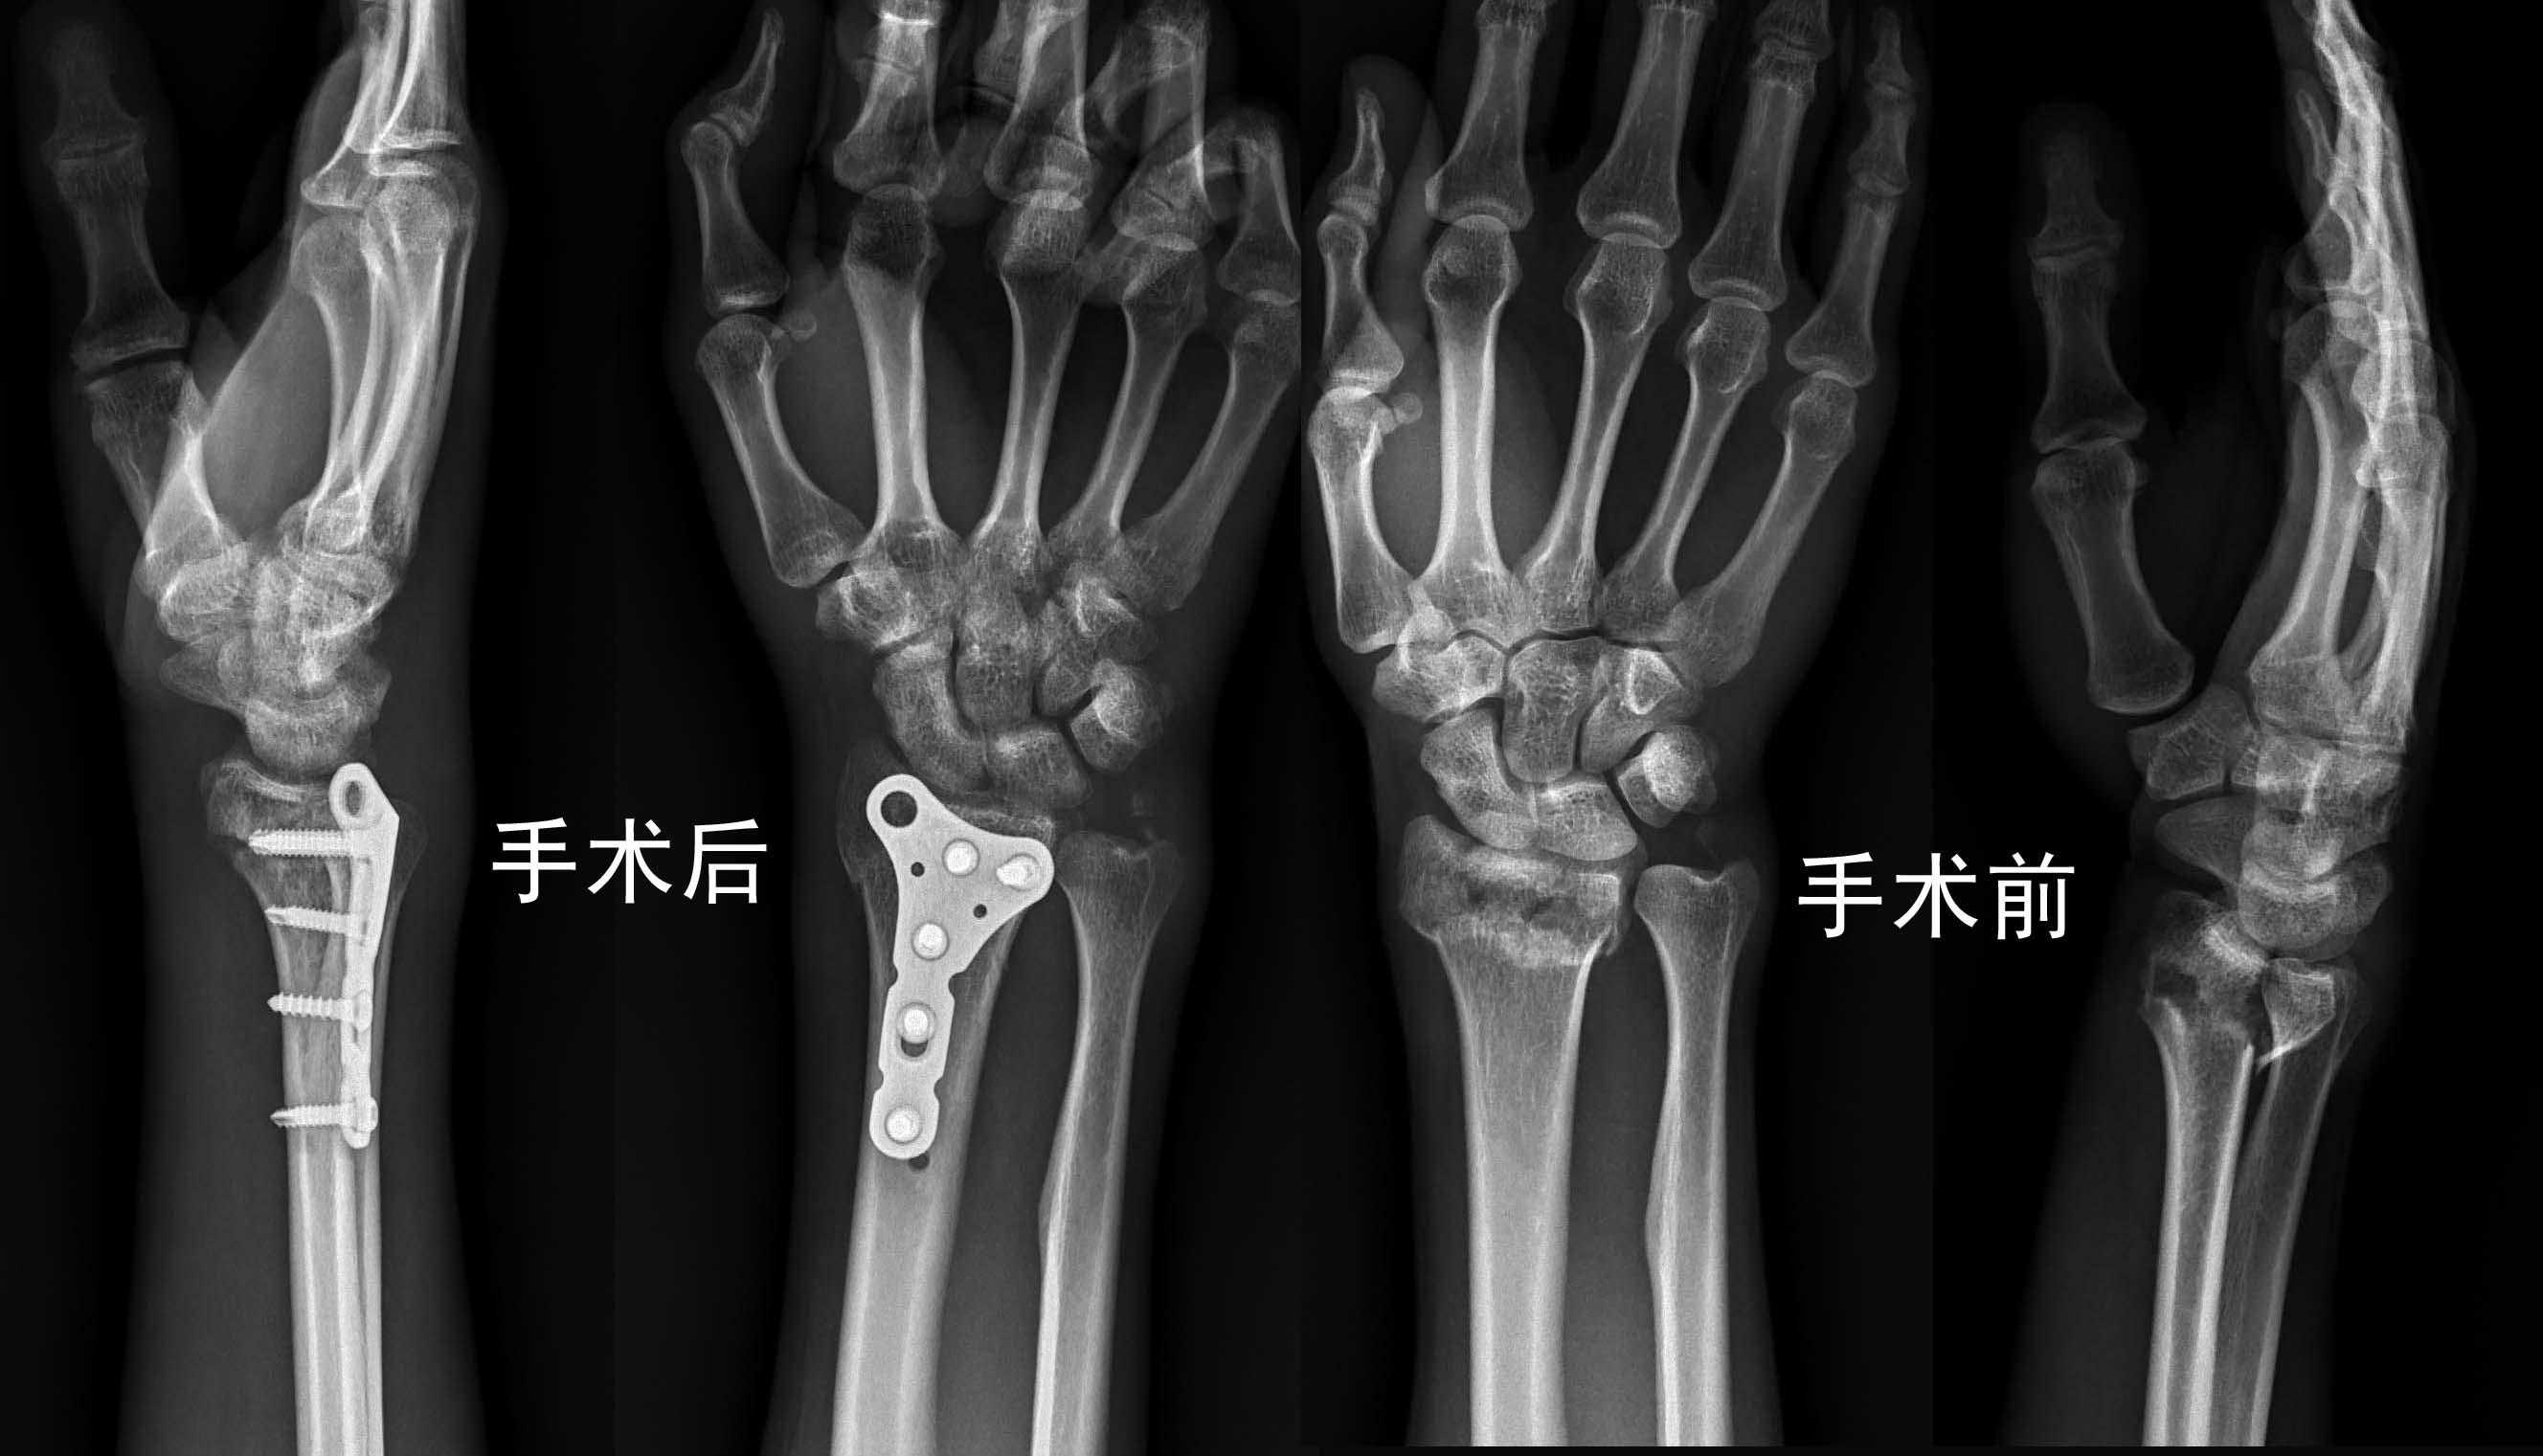 亚洲性交图新闻_职工工伤右桡骨远端粉碎性骨折可以赔多少钱